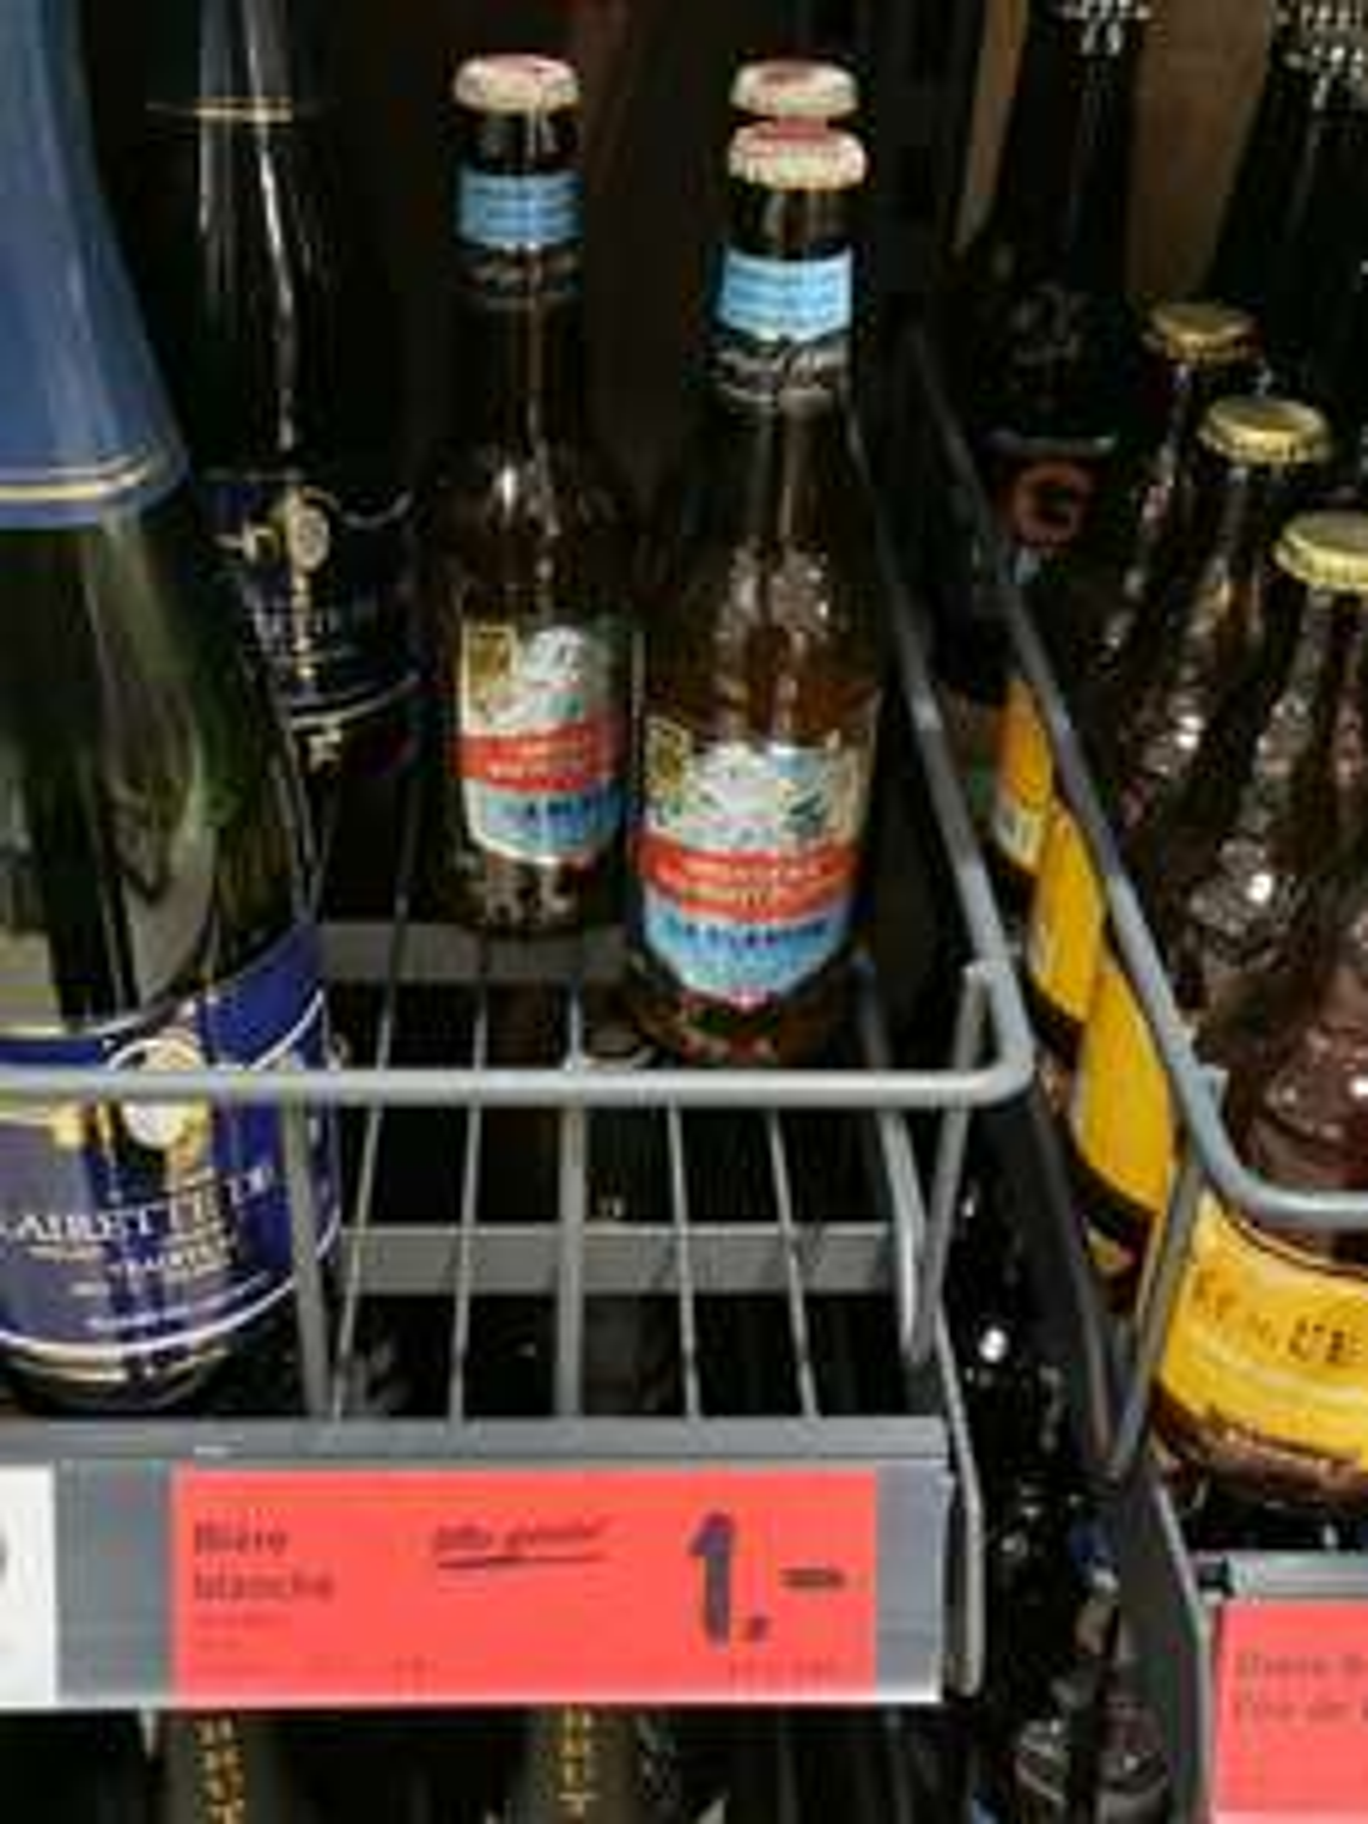 Sélection de bières en promotion - Ex : Bière blanche Mont Blanc 33cl